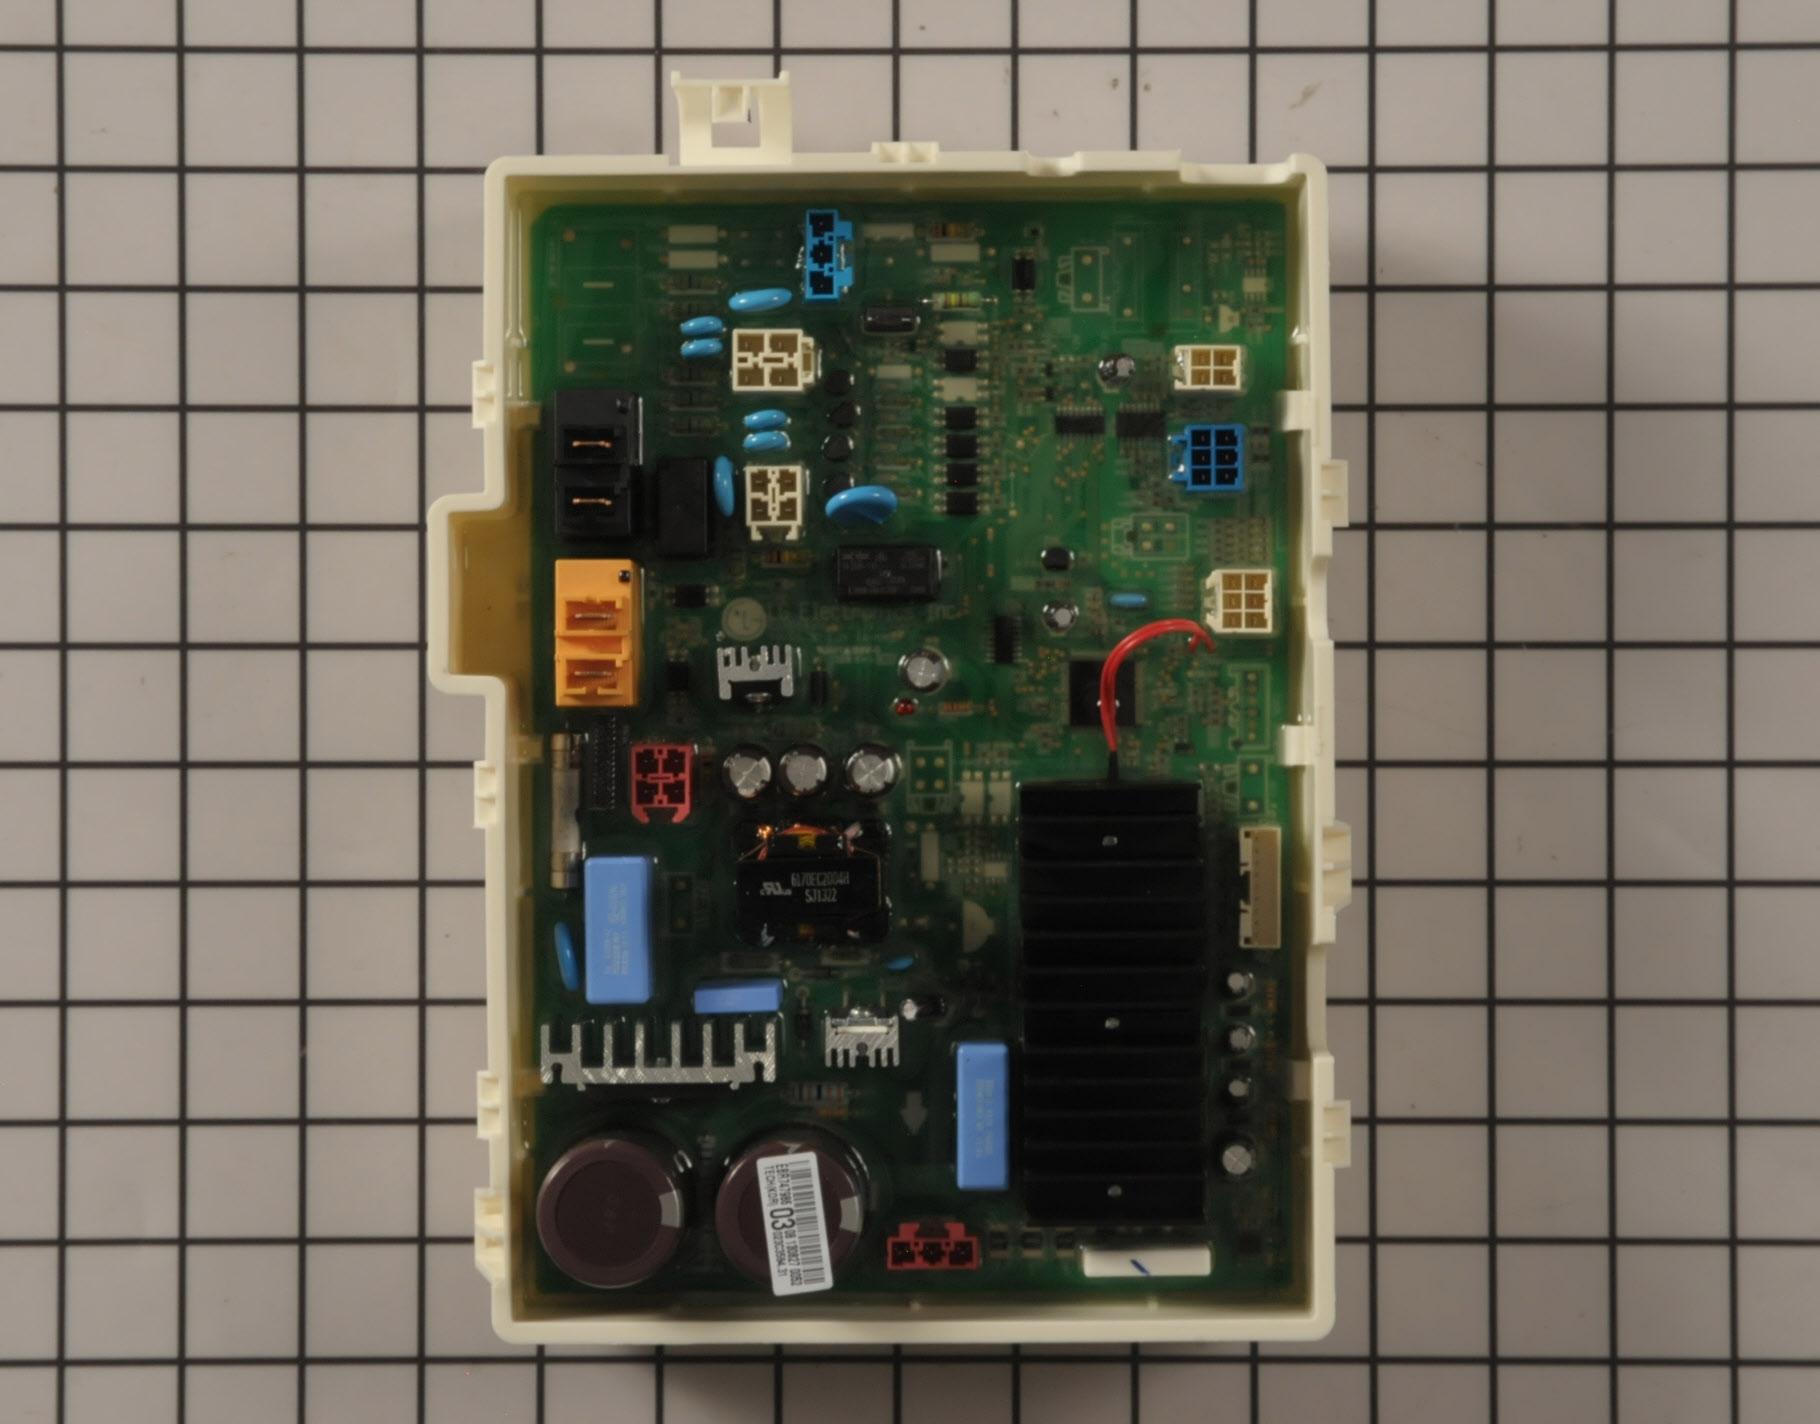 LG Washing Machine Part # EBR78263908 - Control Board